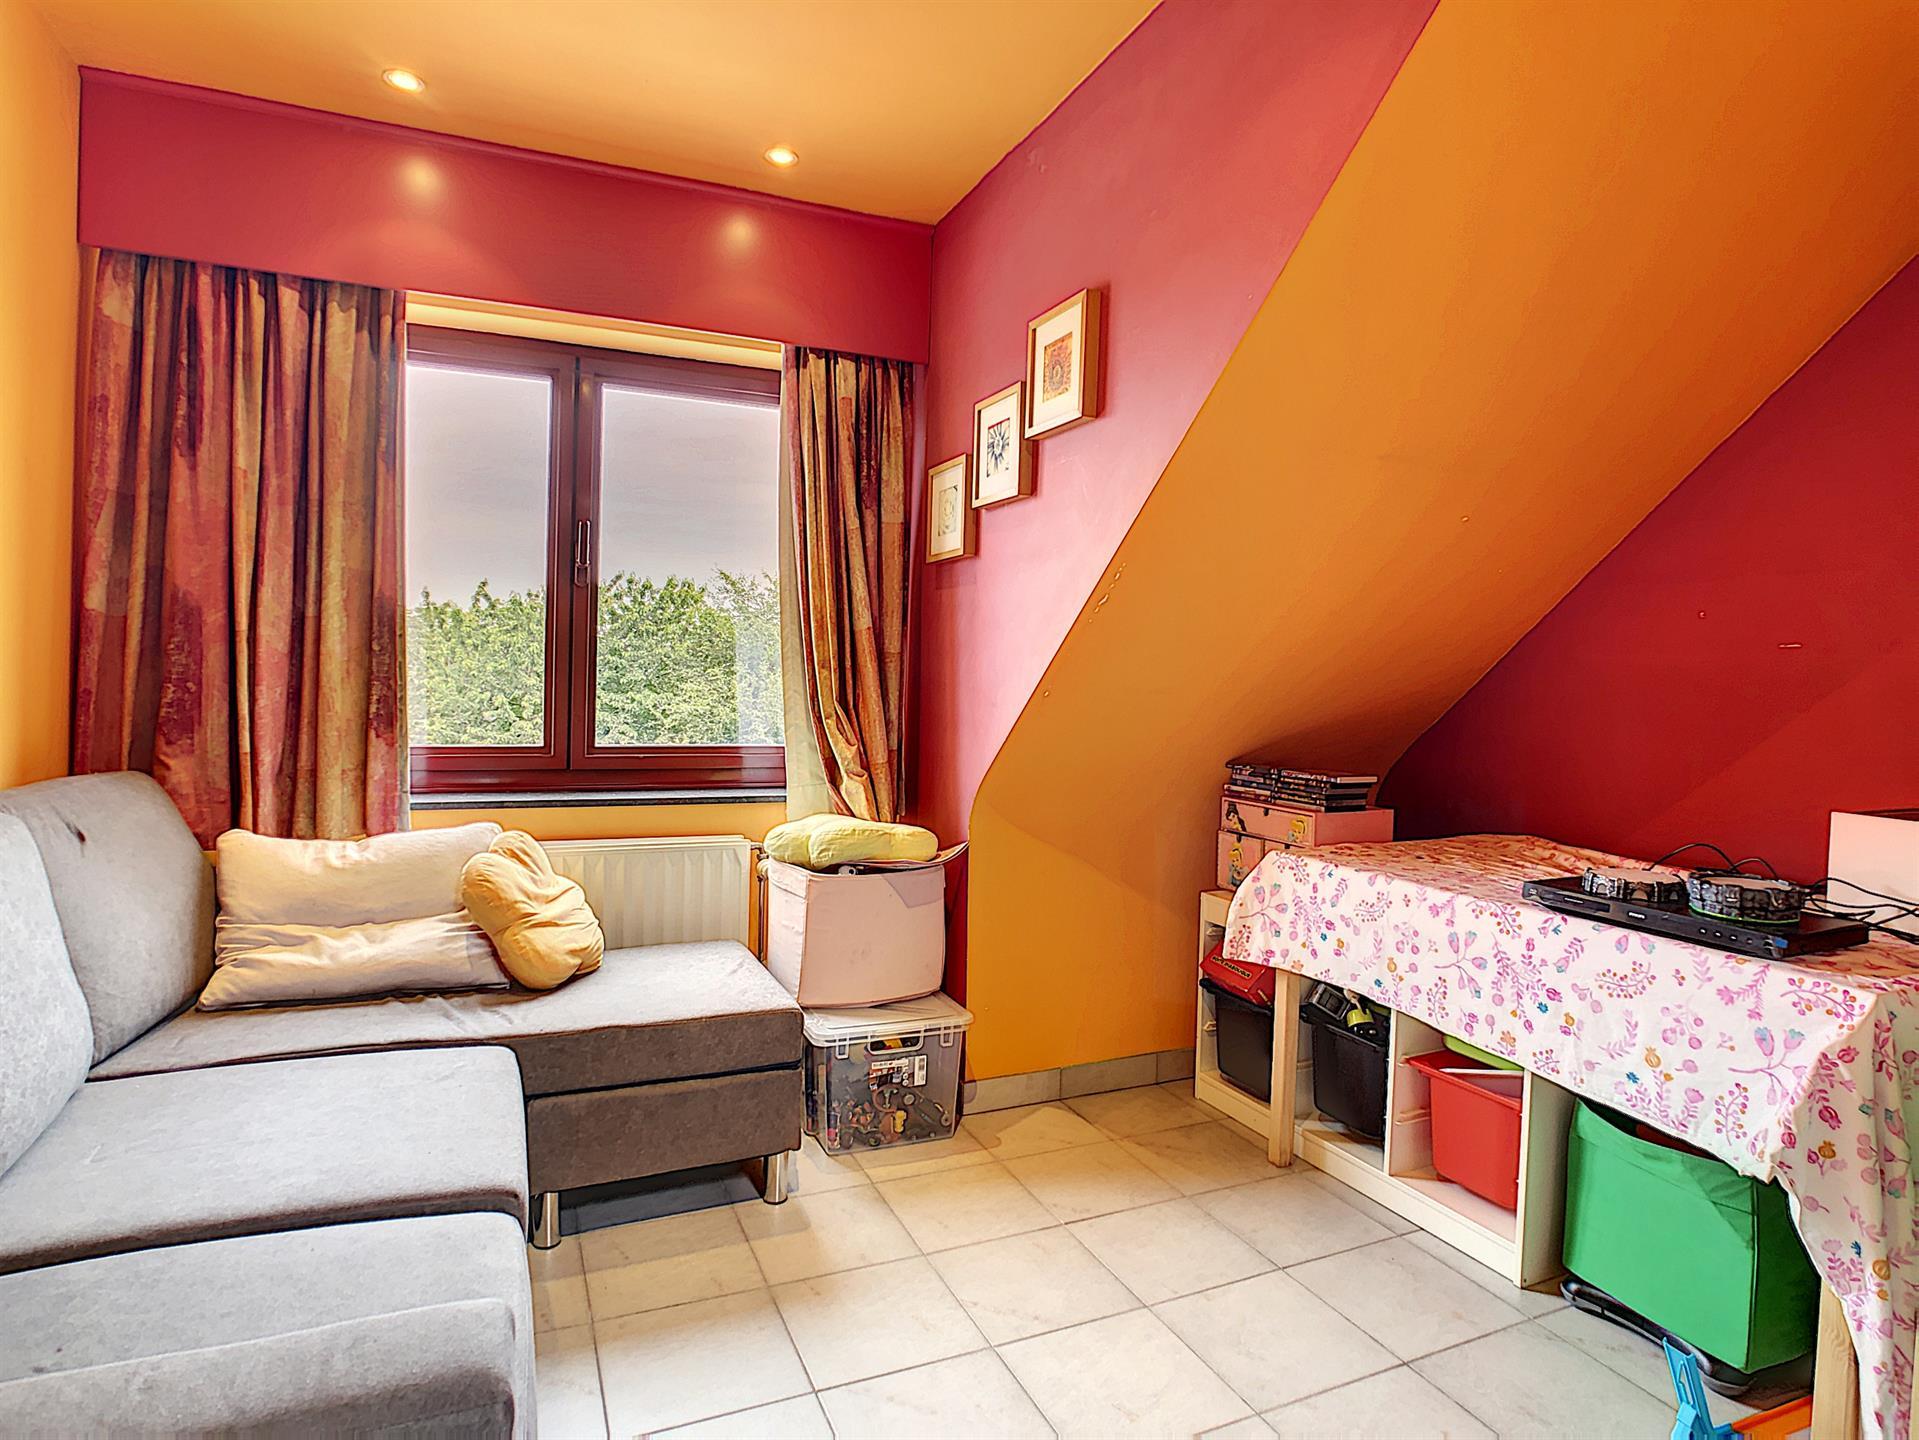 Bel-étage - Vilvoorde - #4419274-6